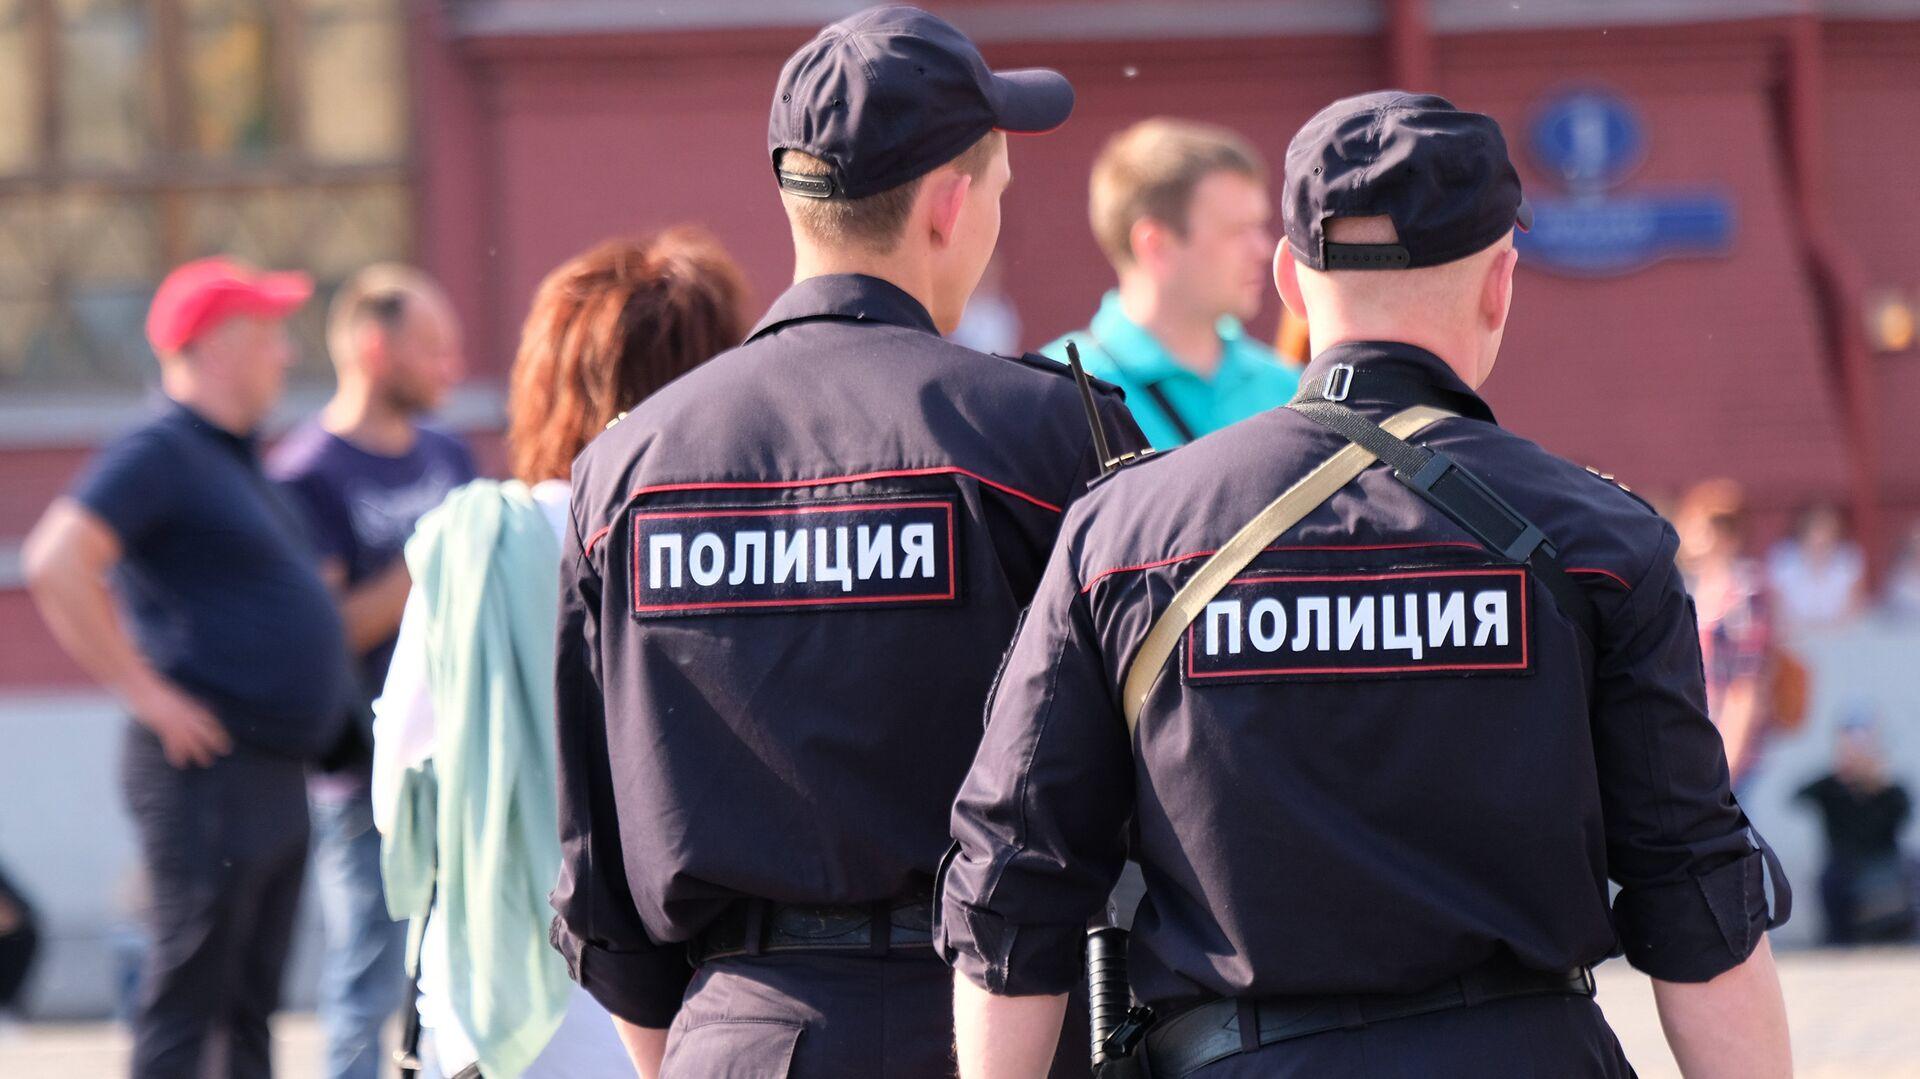 Сотрудники полиции на улице Москвы - РИА Новости, 1920, 04.08.2021